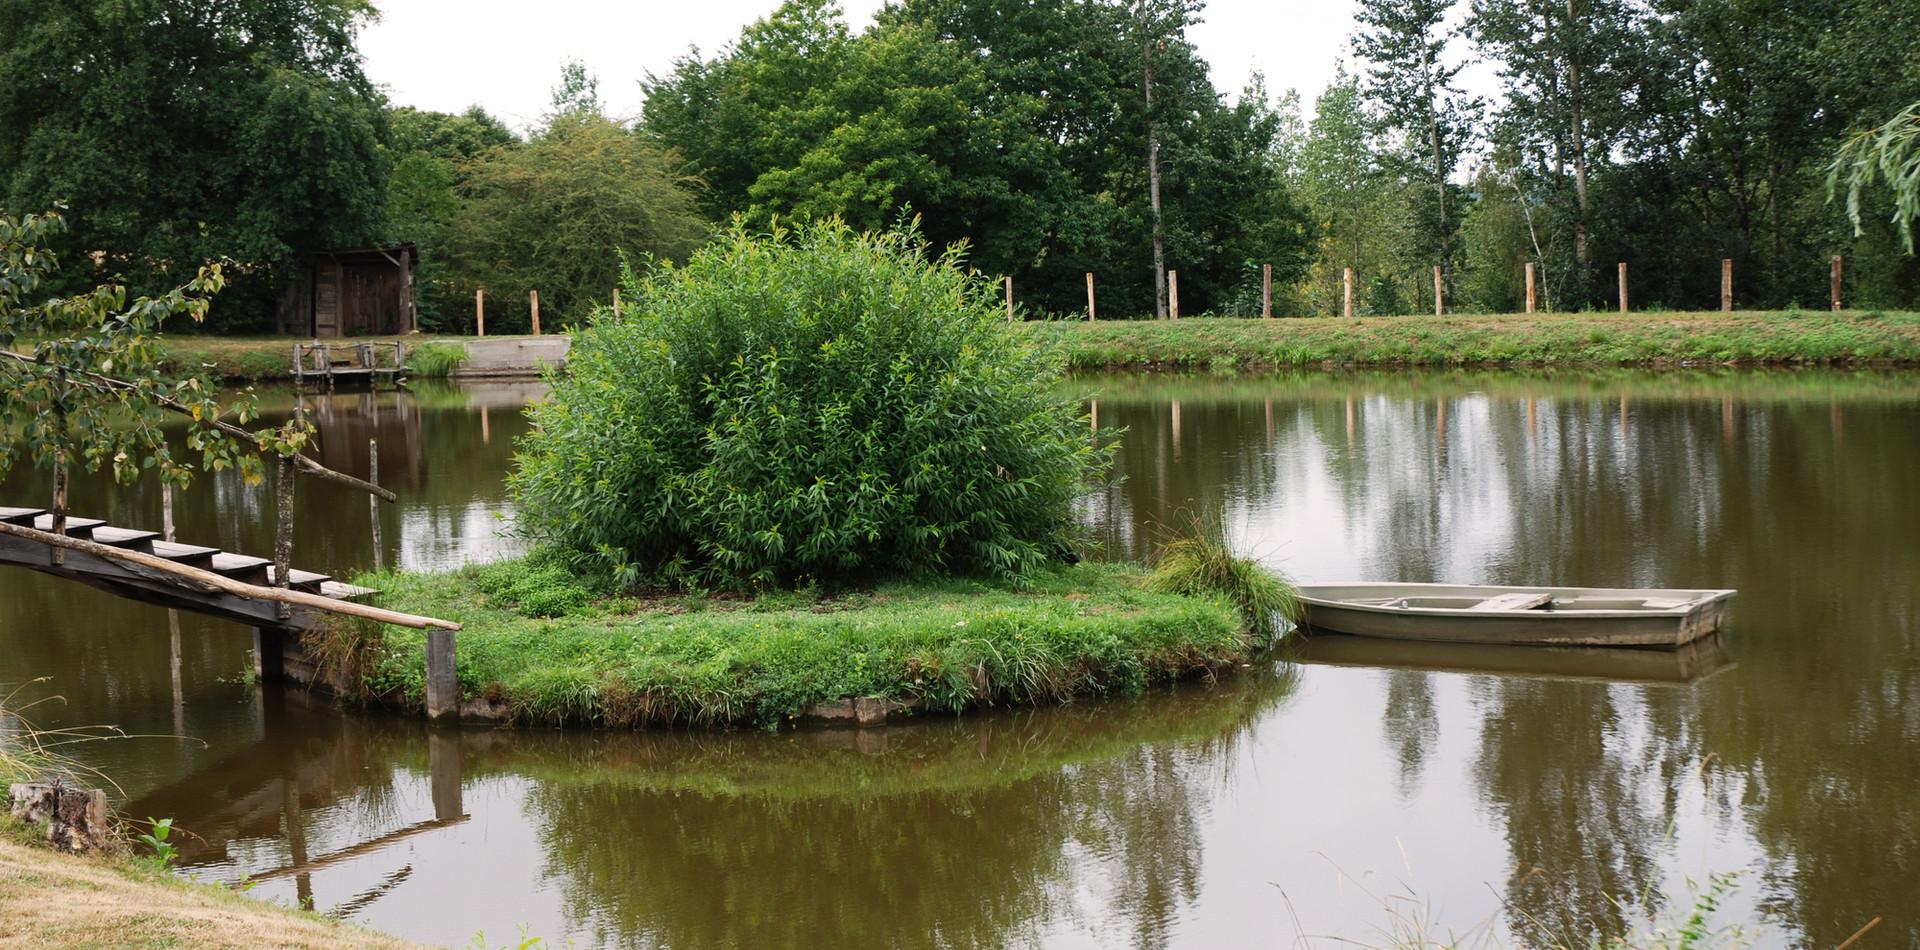 Cabane du pêcheur et son étang